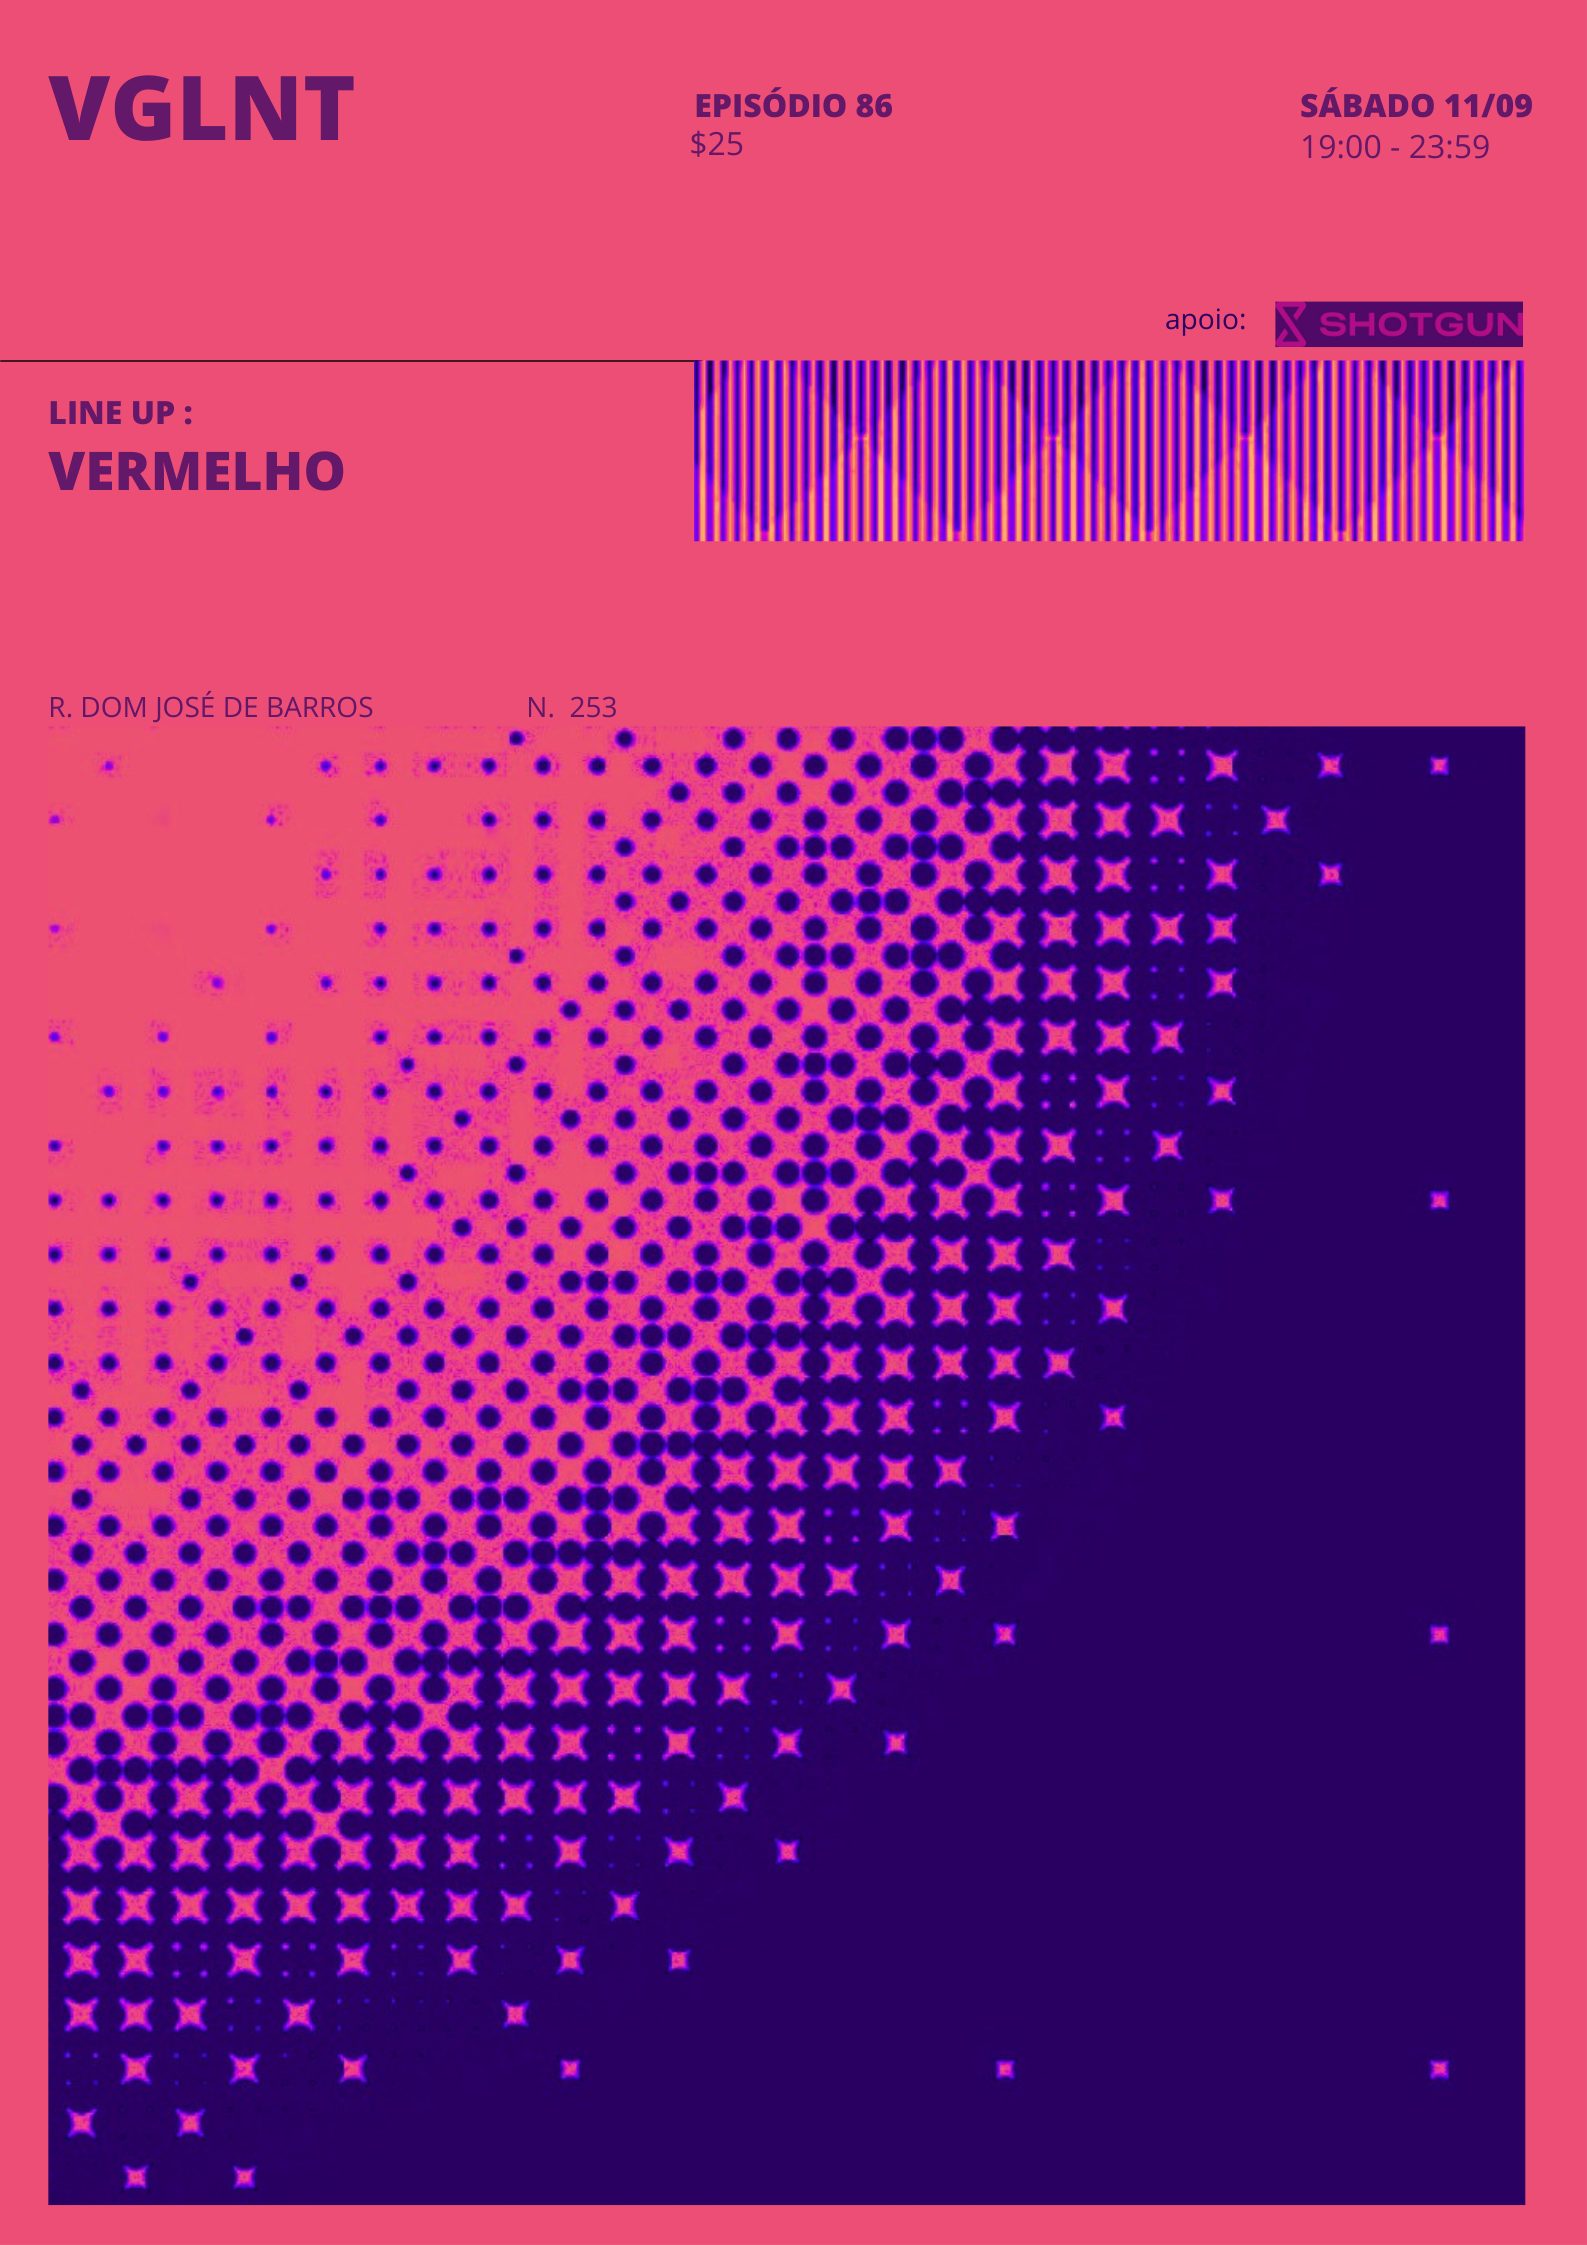 VGLNT ep. 87 com VERMELHO